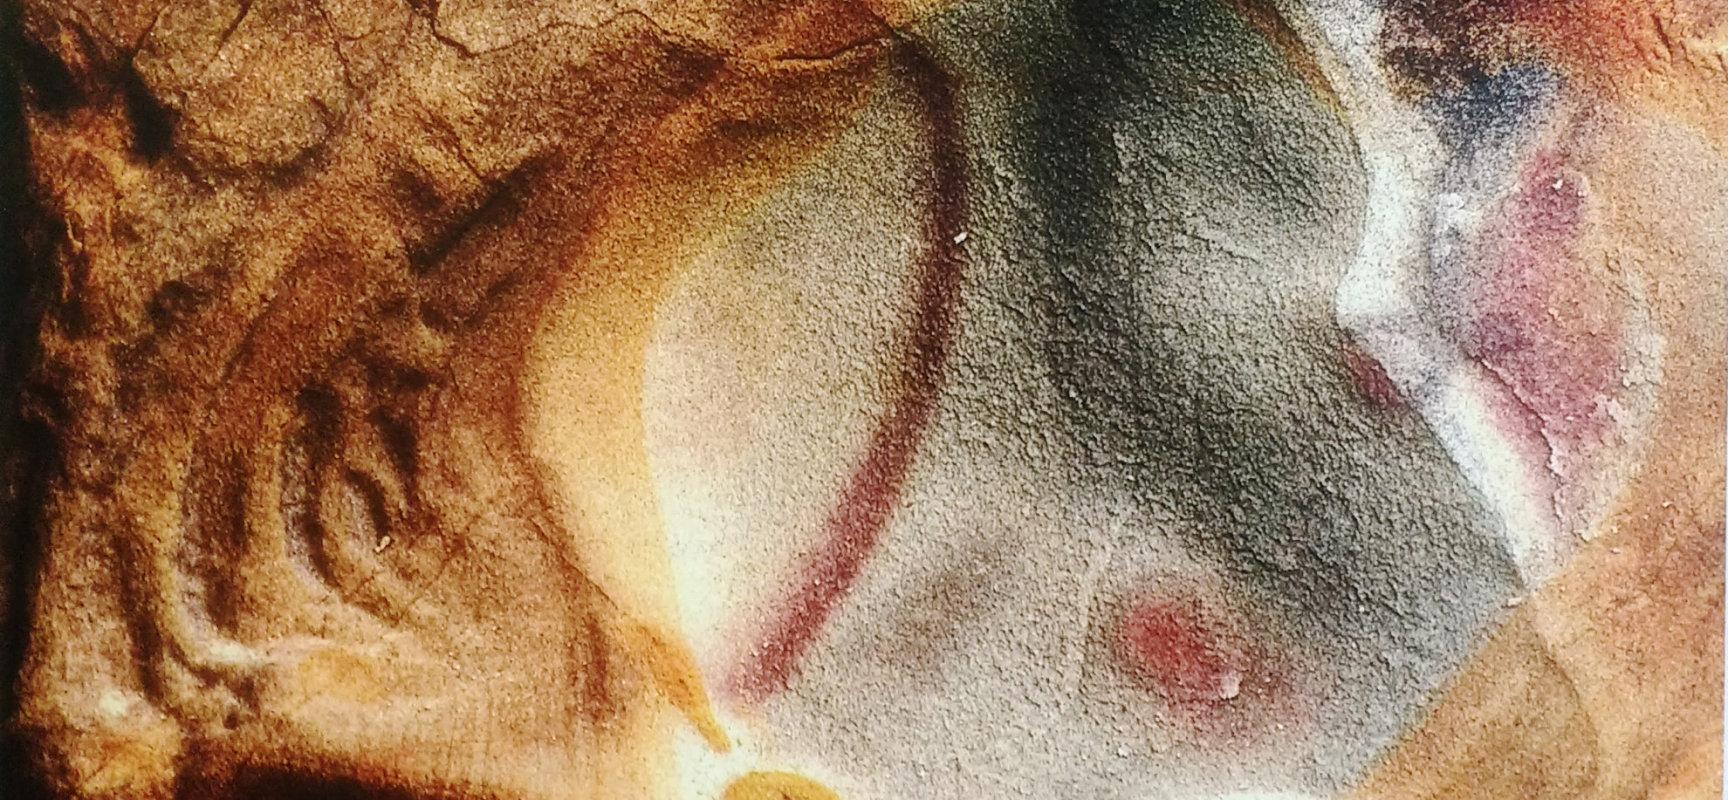 """CAPANNORI – IN COMUNE FINO AL 30 NOVEMBRE LA MOSTRA FOTOGRAFICA """"LO SCOGLIO GIOCA COL MARE"""""""